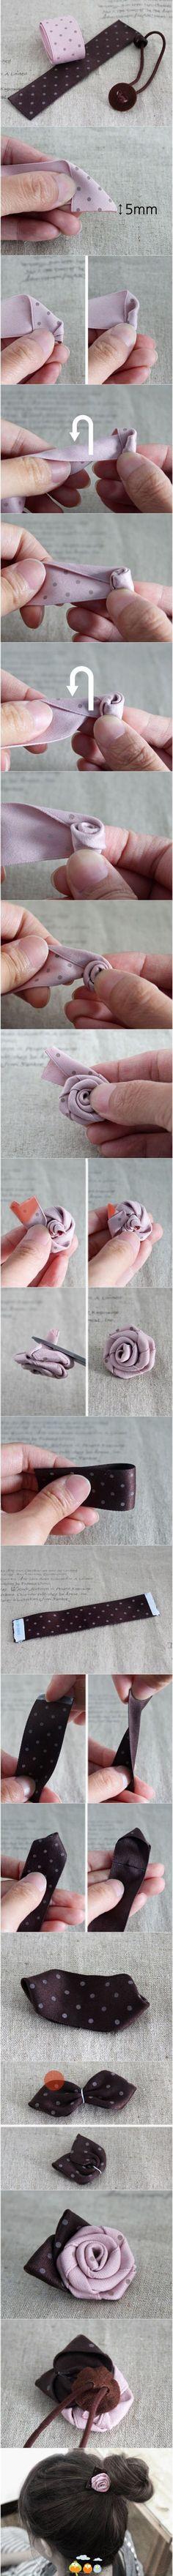 rose hairpin